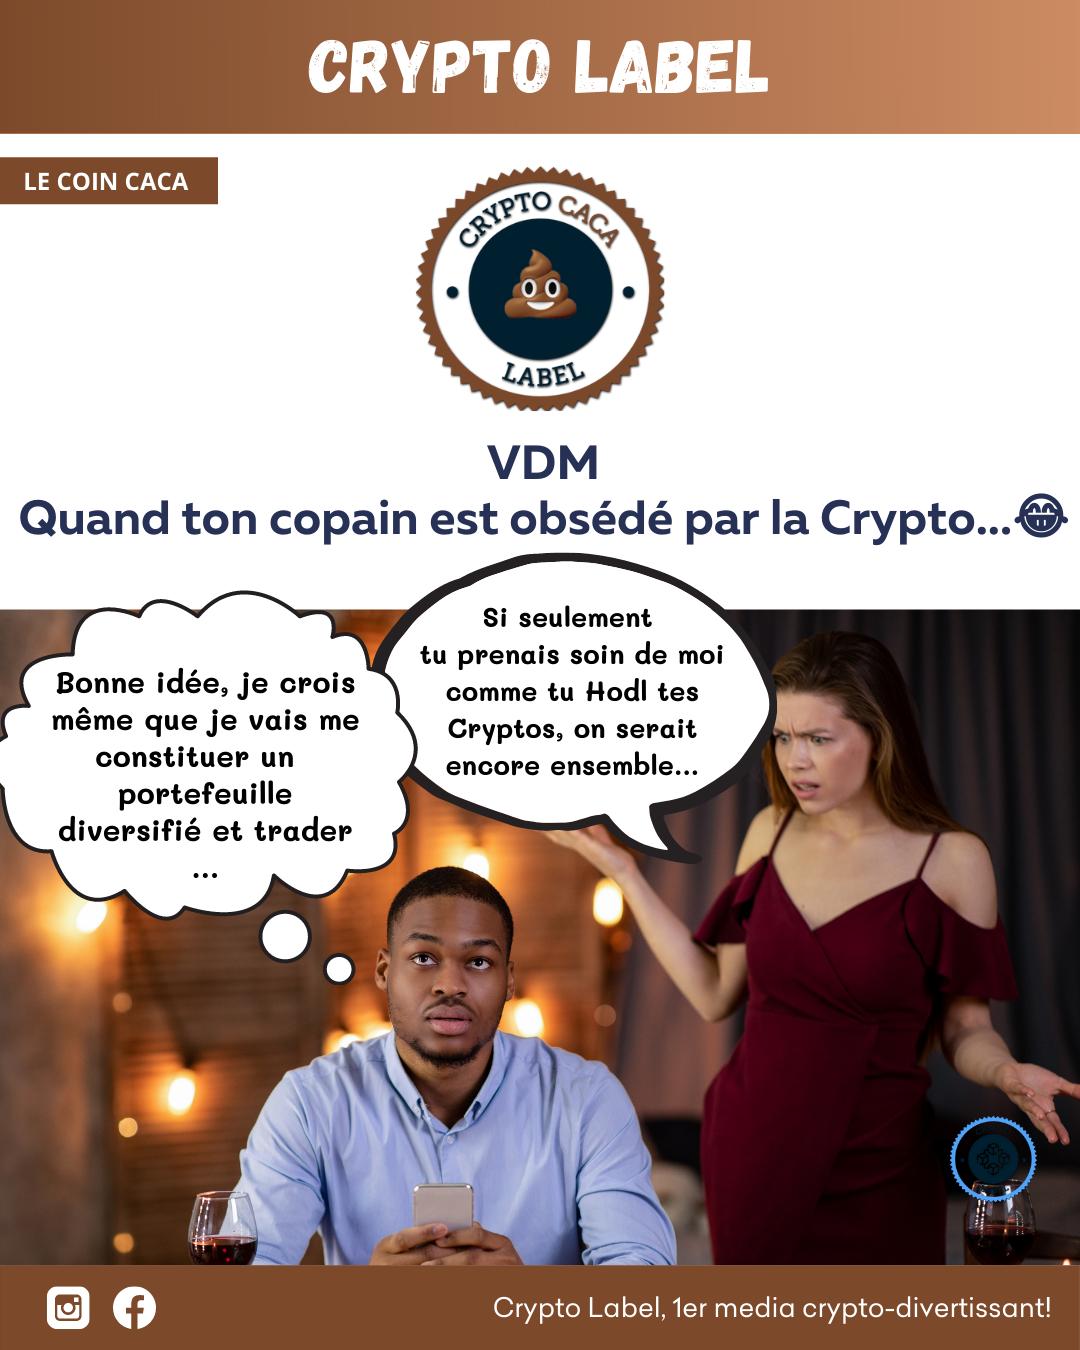 VDM Quand ton copain est obsédé par la Crypto...😂 - Le coin caca 💩 crypto-label